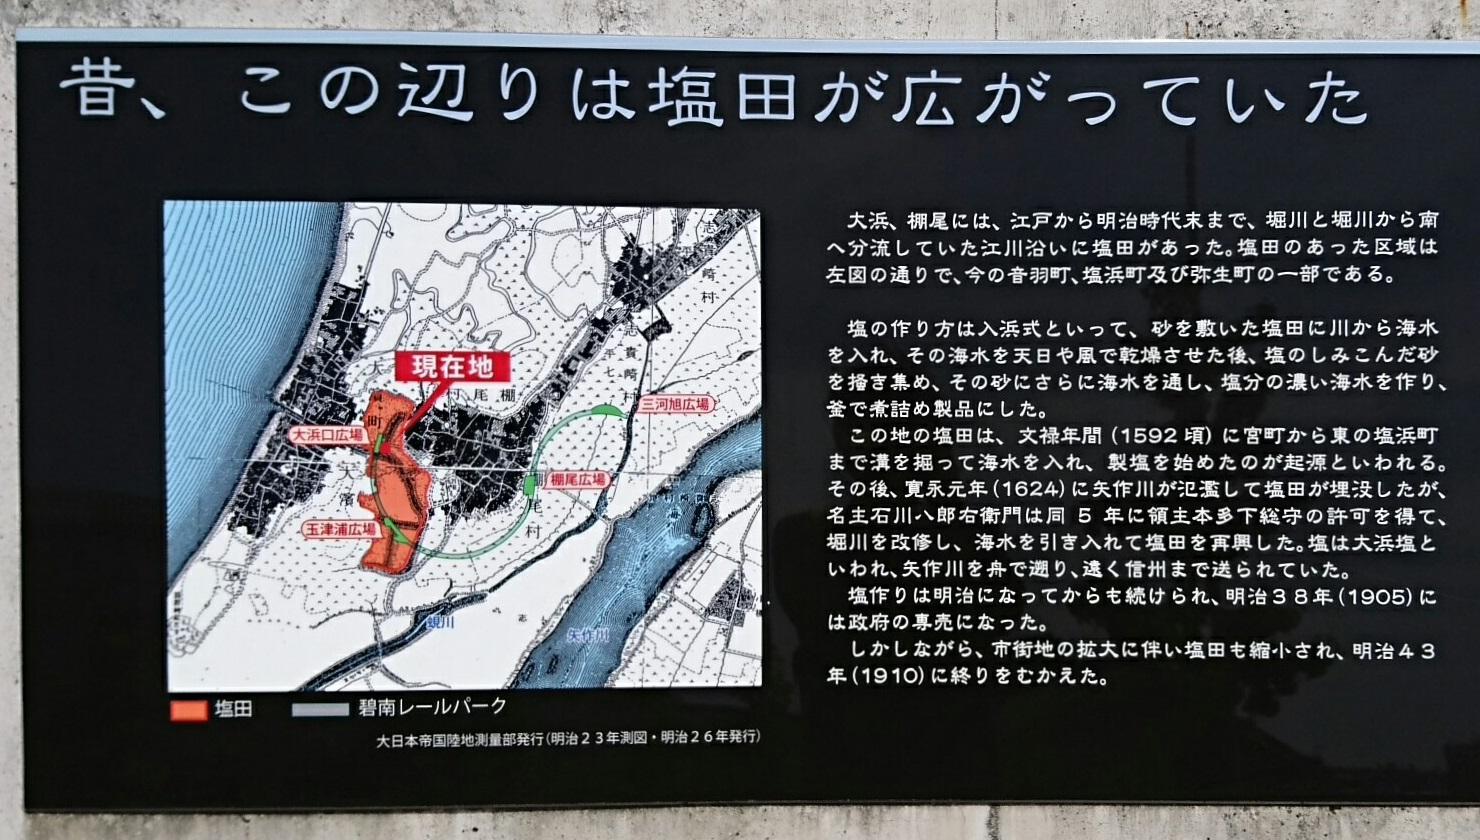 2018.5.20 (36) 碧南レールパーク - 塩田がひろがっとった 1480-840